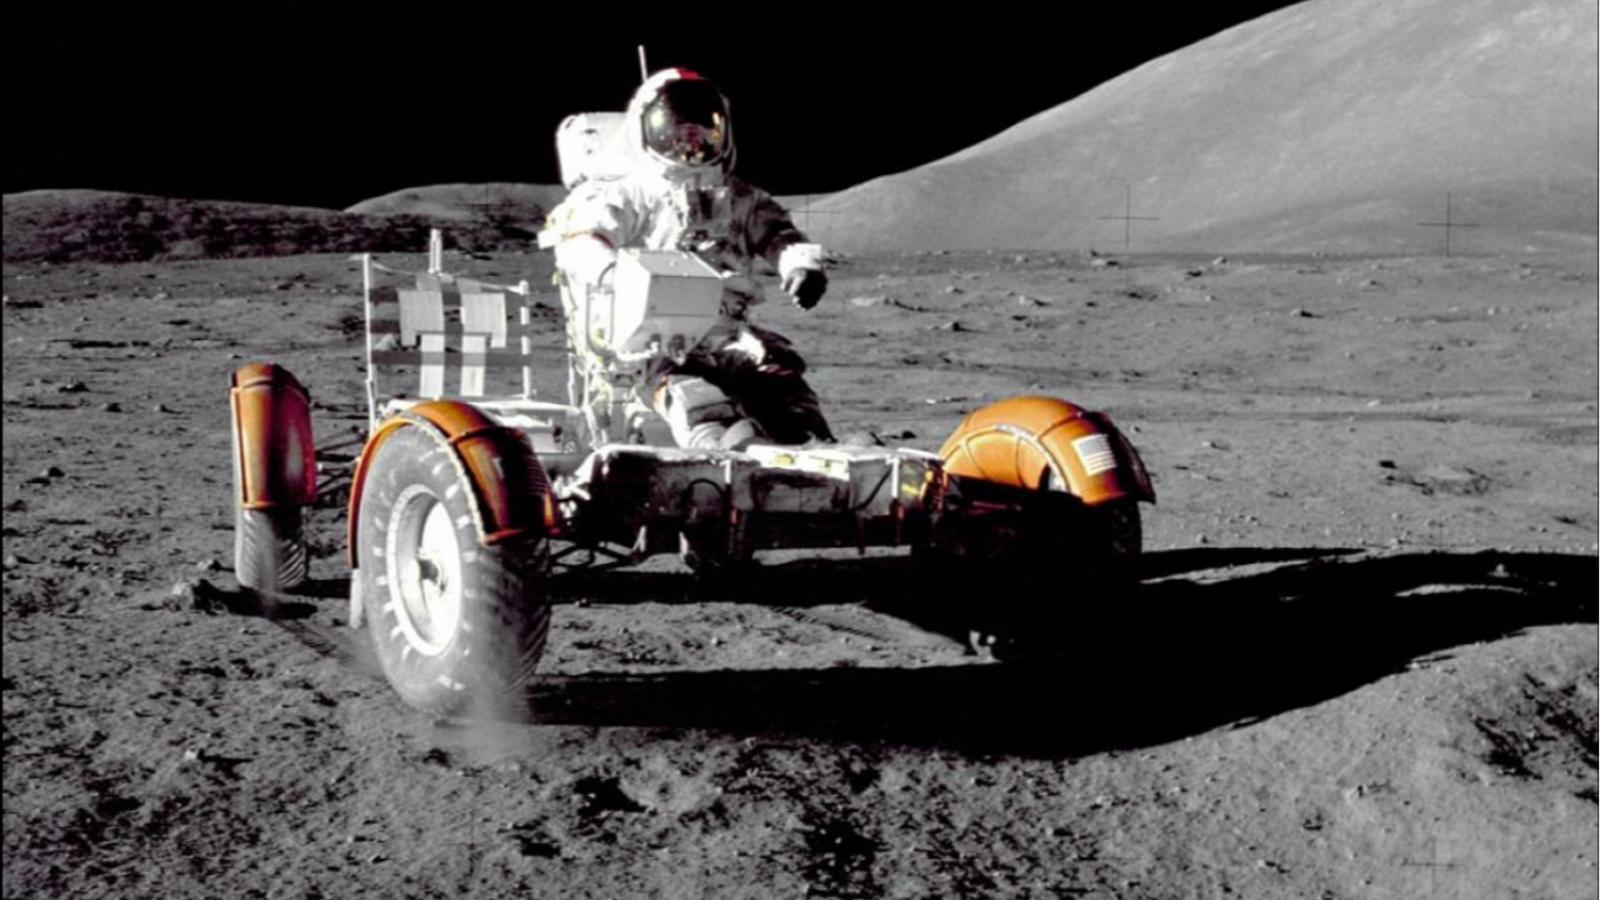 El comandante de la misión Apollo 17, Eugene Cernan, revisa el vehículo lunar (LRV) en el ...